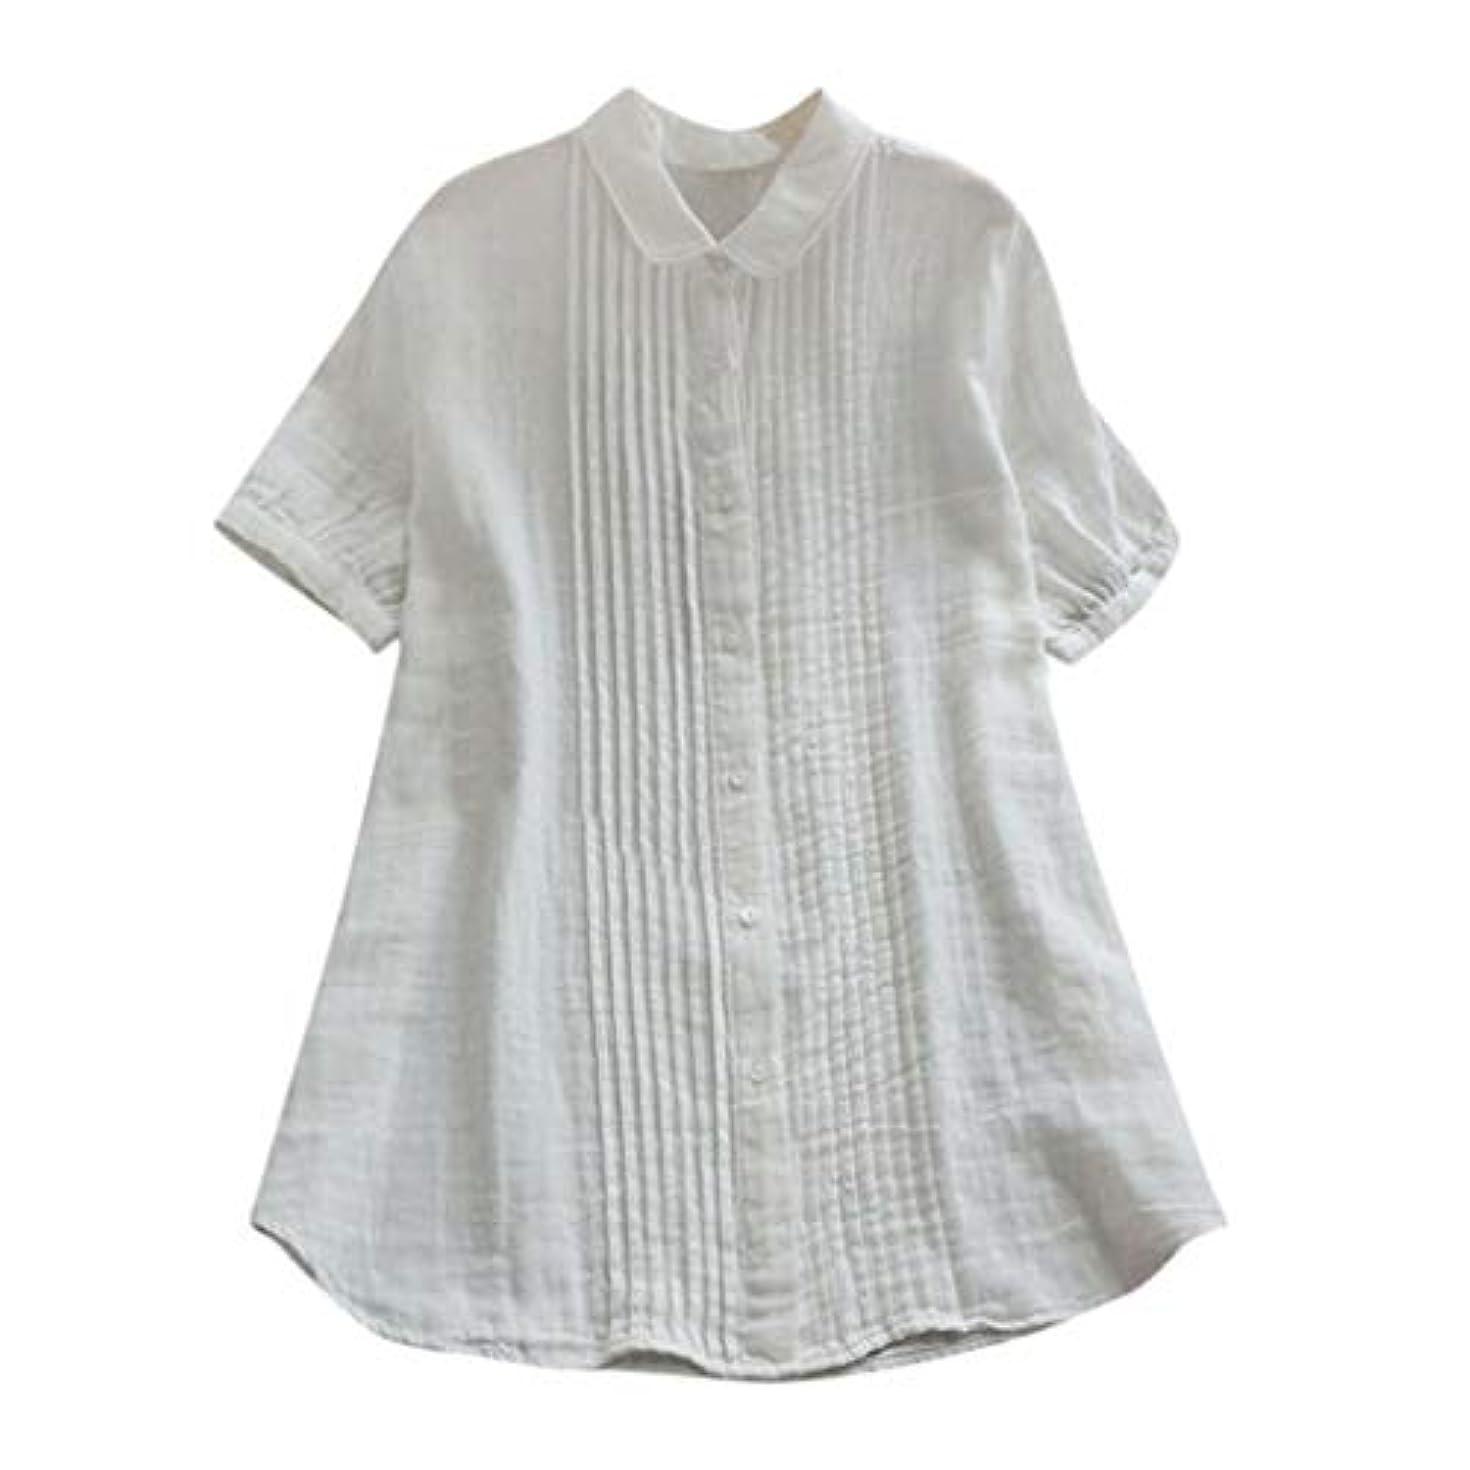 ミニチュア労苦王女女性の半袖Tシャツ - ピーターパンカラー夏緩い無地カジュアルダウントップスブラウス (白, L)